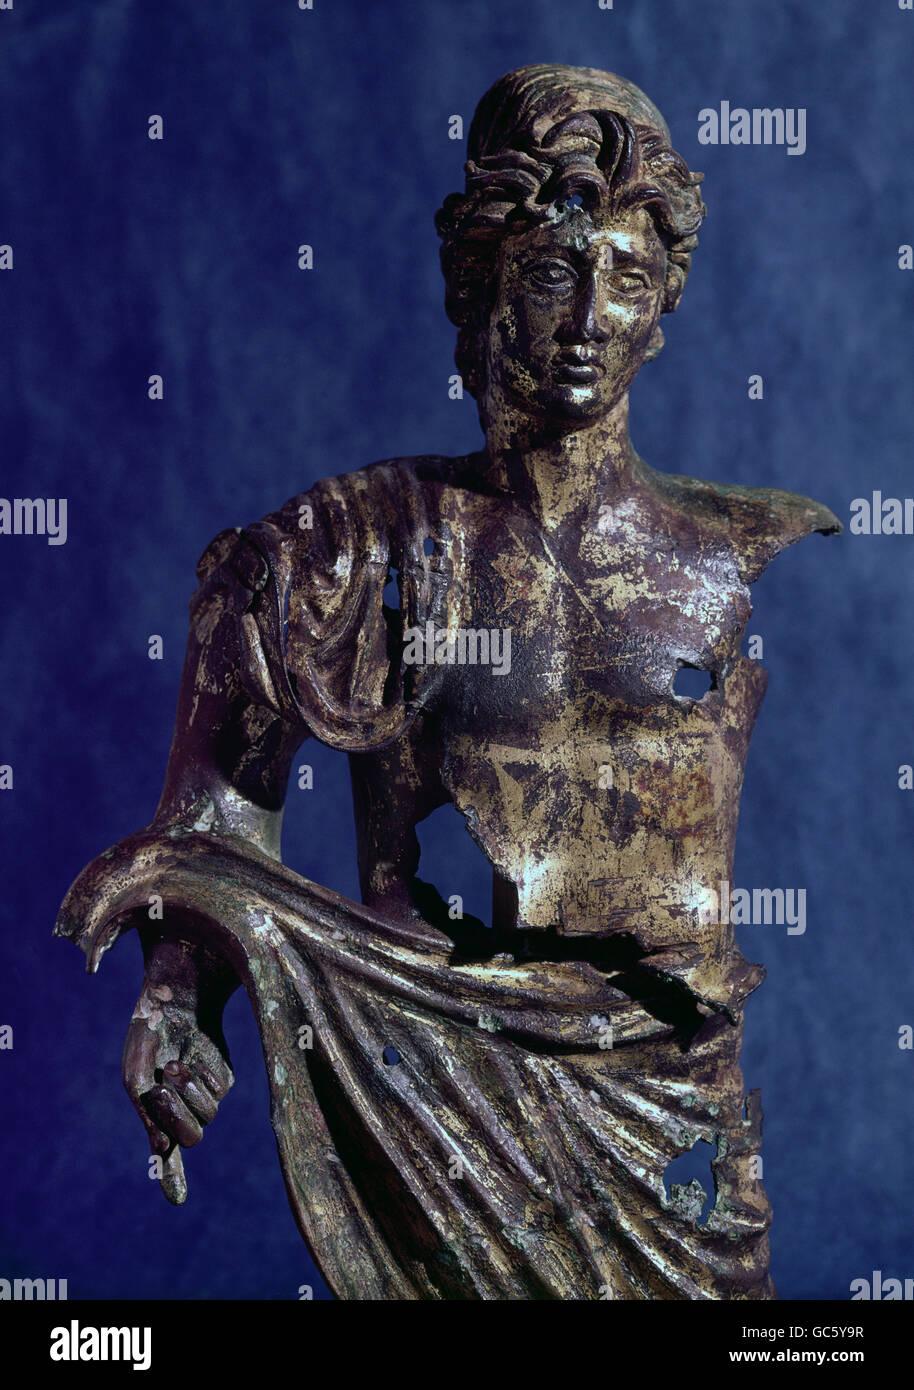 bildende kunst antike r misches reich skulptur bronze genie vergoldet skulptur augsburg. Black Bedroom Furniture Sets. Home Design Ideas